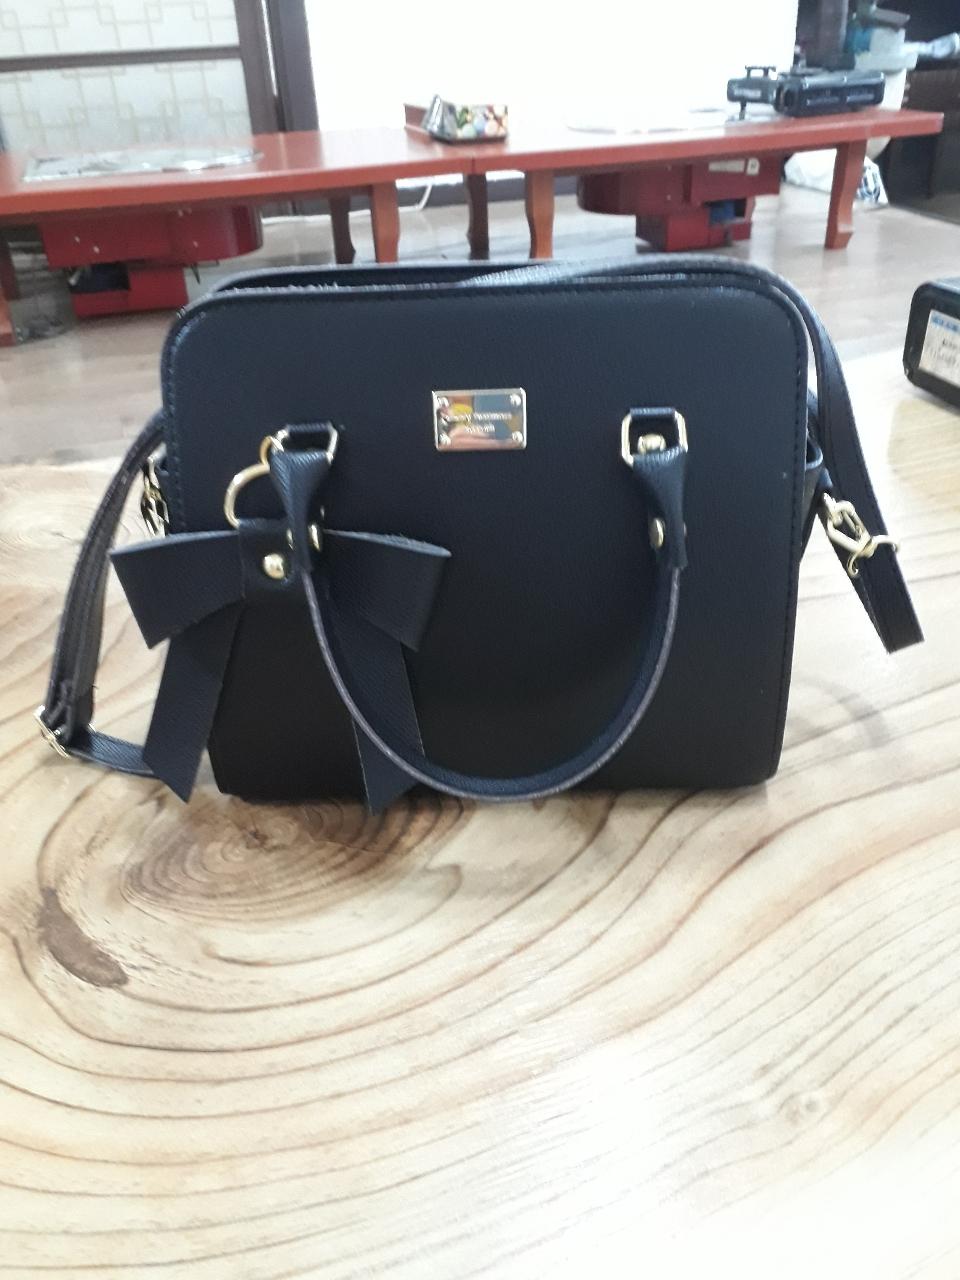 가방요 오늘받은 새재품요